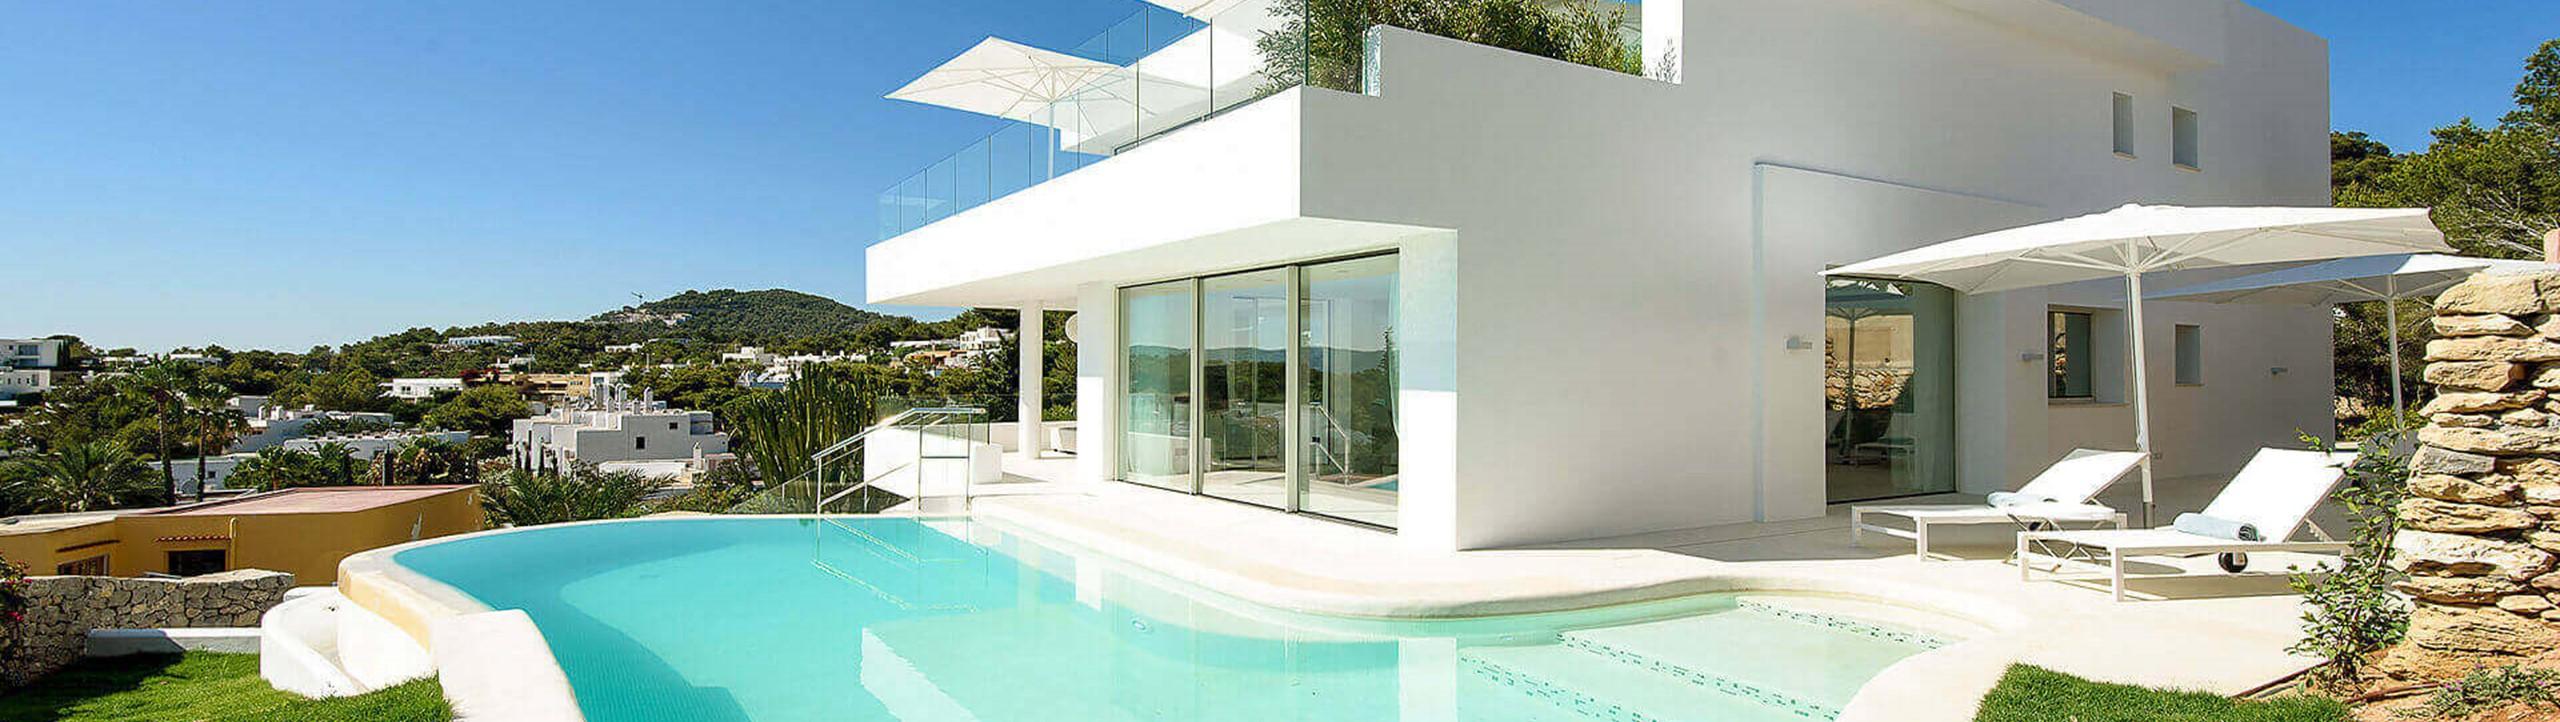 Villa Mercedes Simo 1 Can Pep Simo